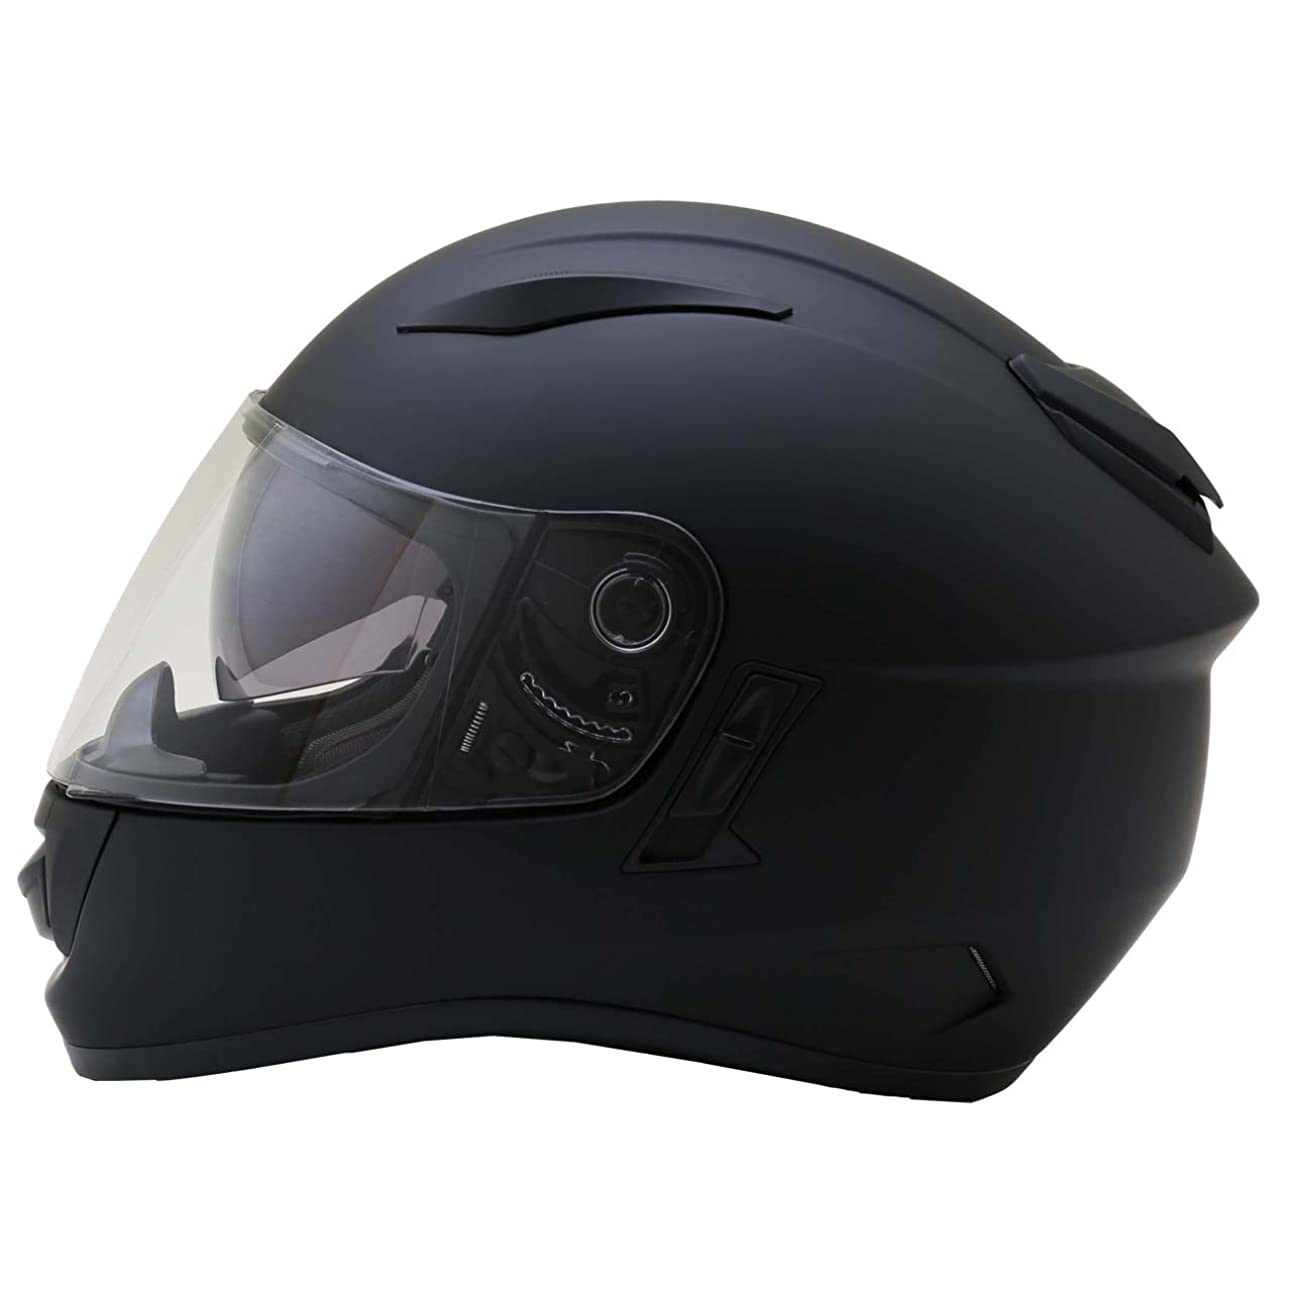 プロペララジエーター資金ネオライダース (NEO-RIDERS) ZX9 インナーシールド付 フルフェイス ヘルメット マットブラック Mサイズ 57-58cm SG/PSC ZX9